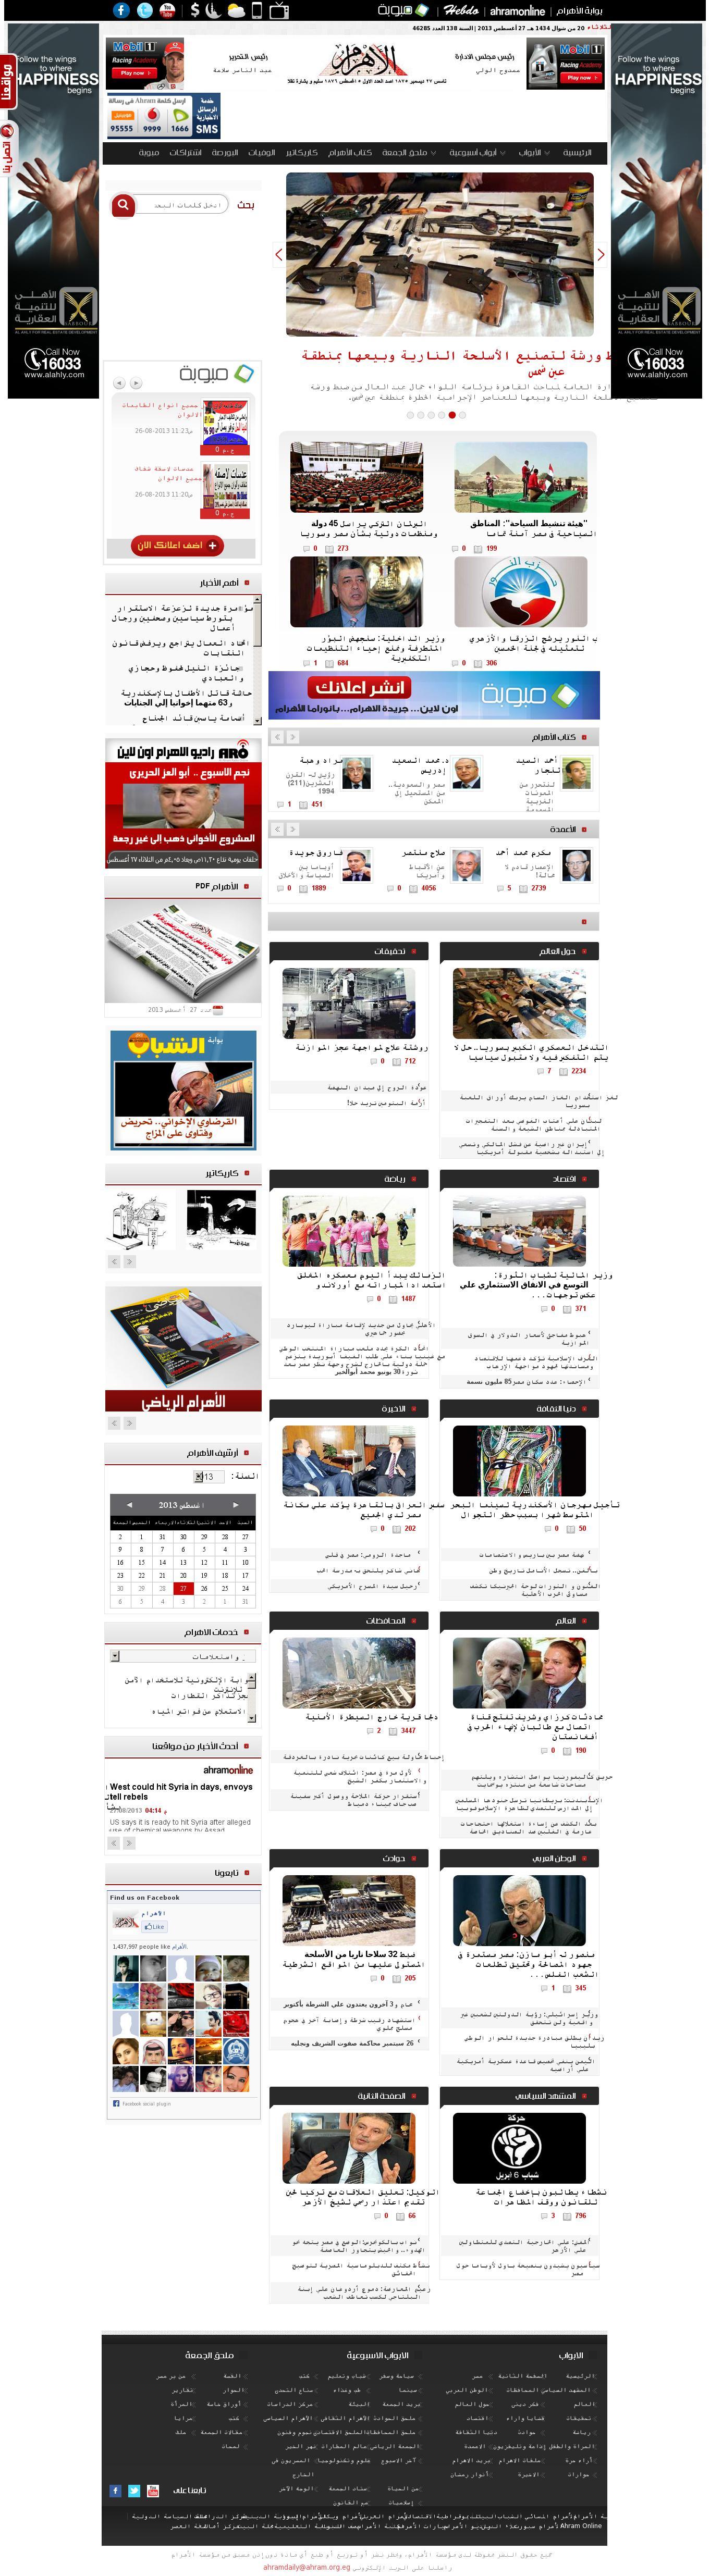 Al-Ahram at Tuesday Aug. 27, 2013, 6 p.m. UTC